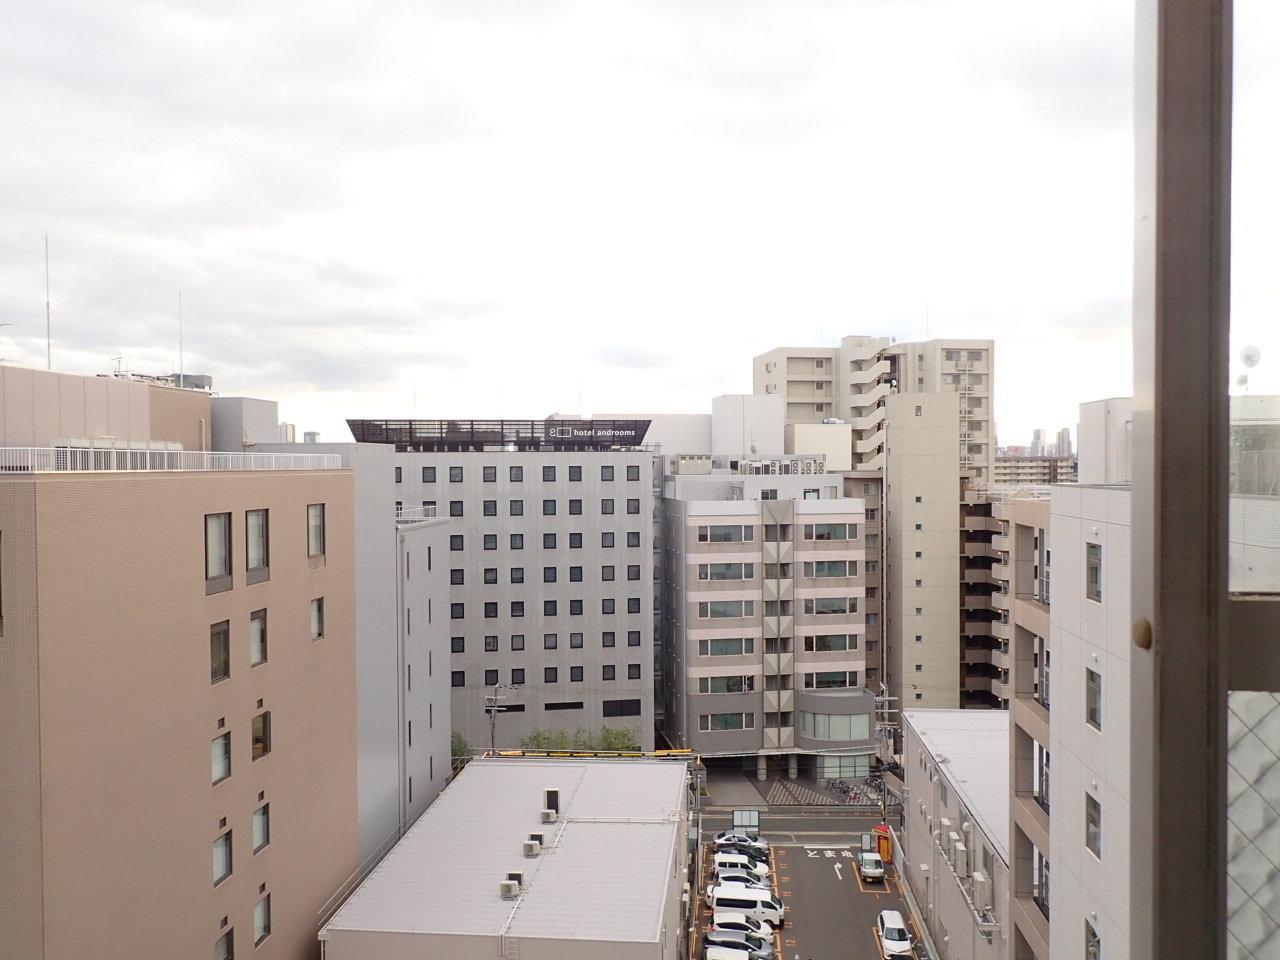 窓からの景色。空がしっかりと見えますね。新大阪駅にもこんな風景があるのかと、驚きました。